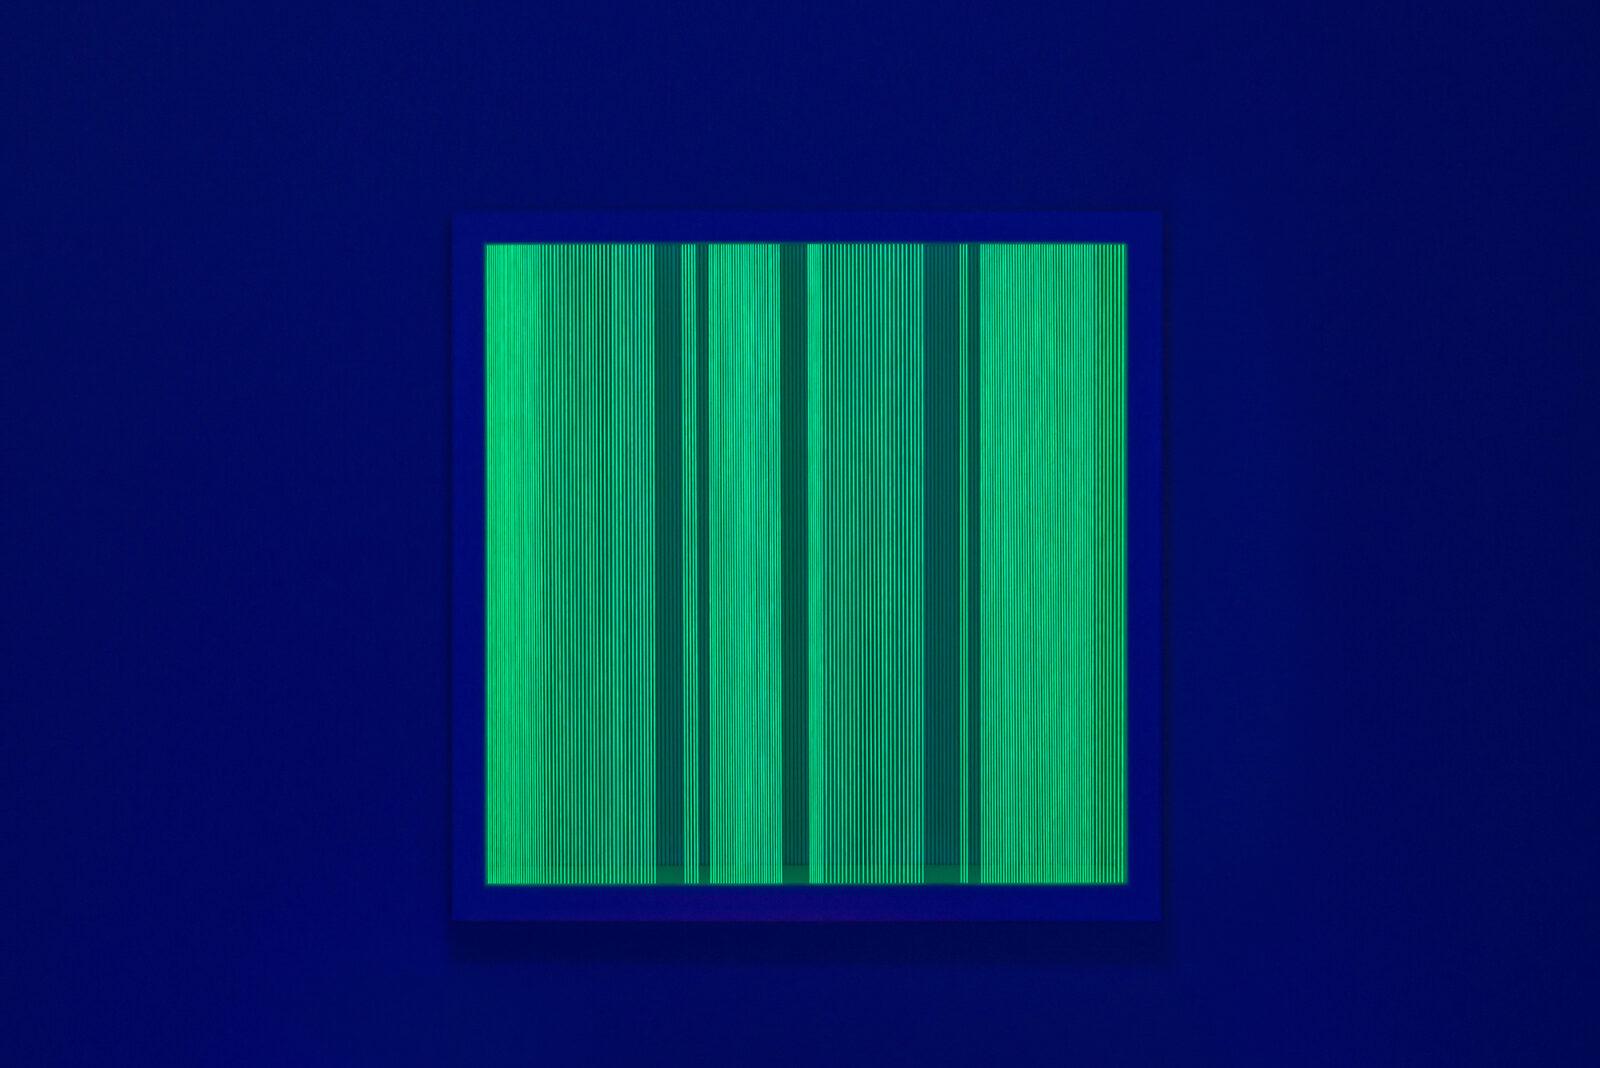 Illusion y2 2